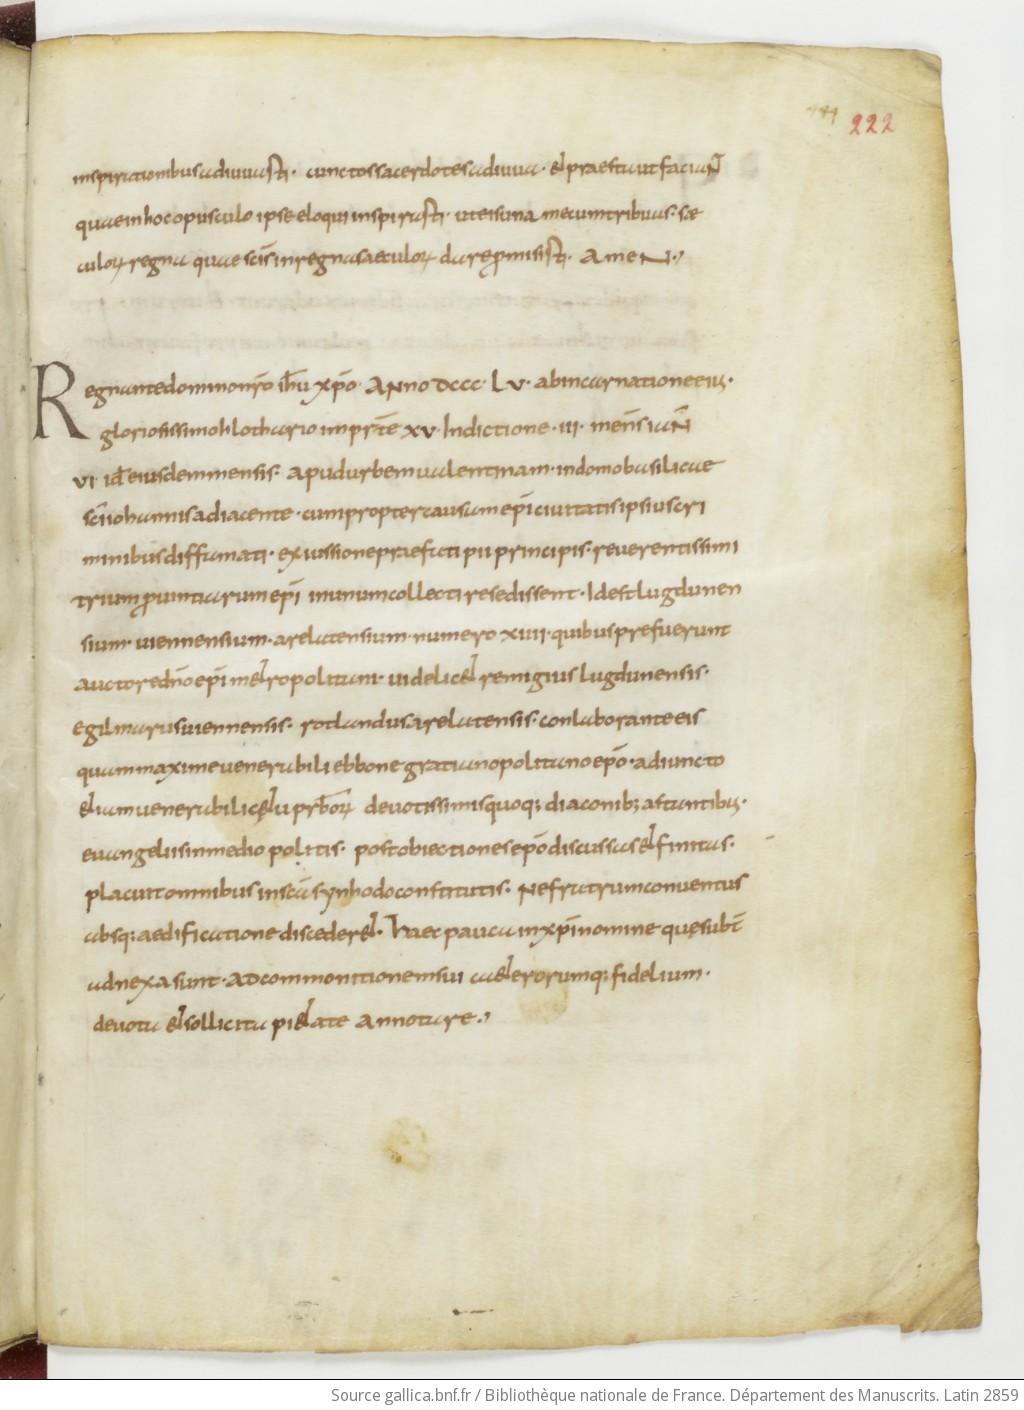 http://gallica.bnf.fr/ark:/12148/btv1b8423837b/f453.highres